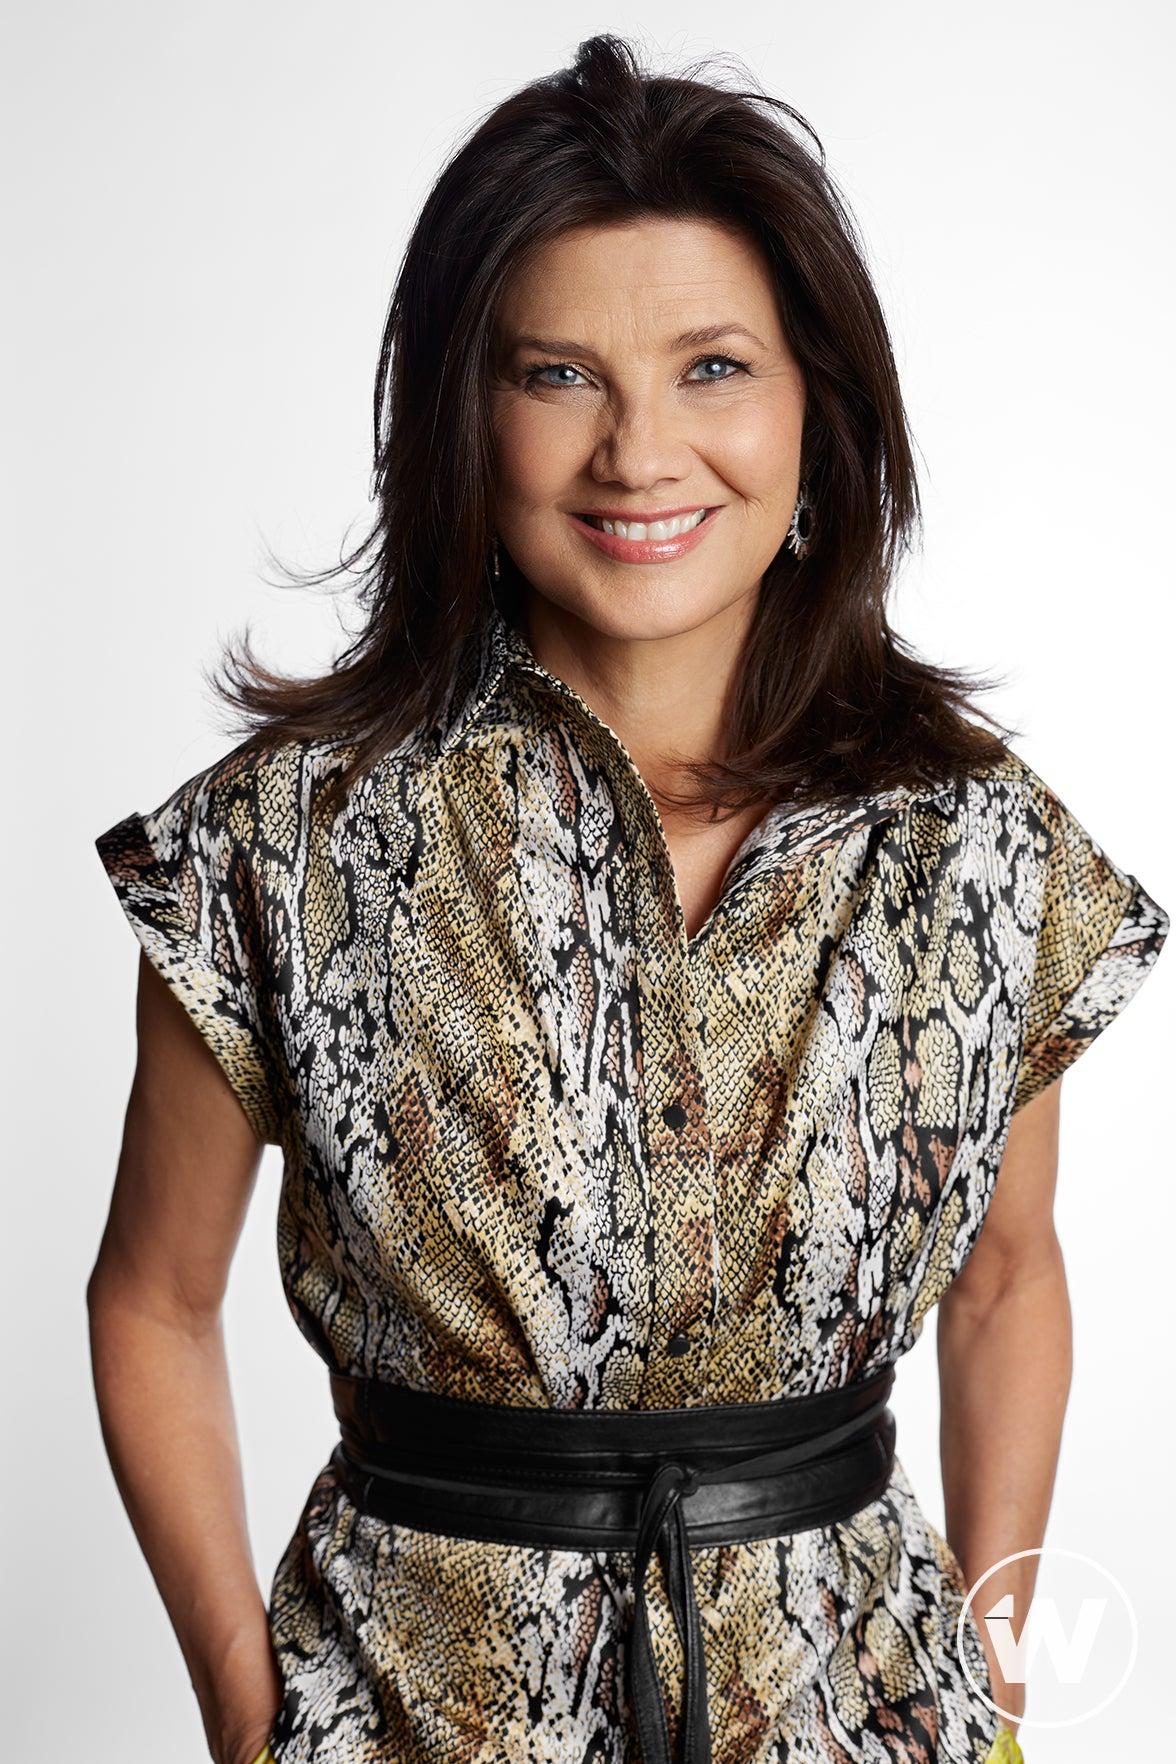 Daphne Zuniga, Gates of Paradise